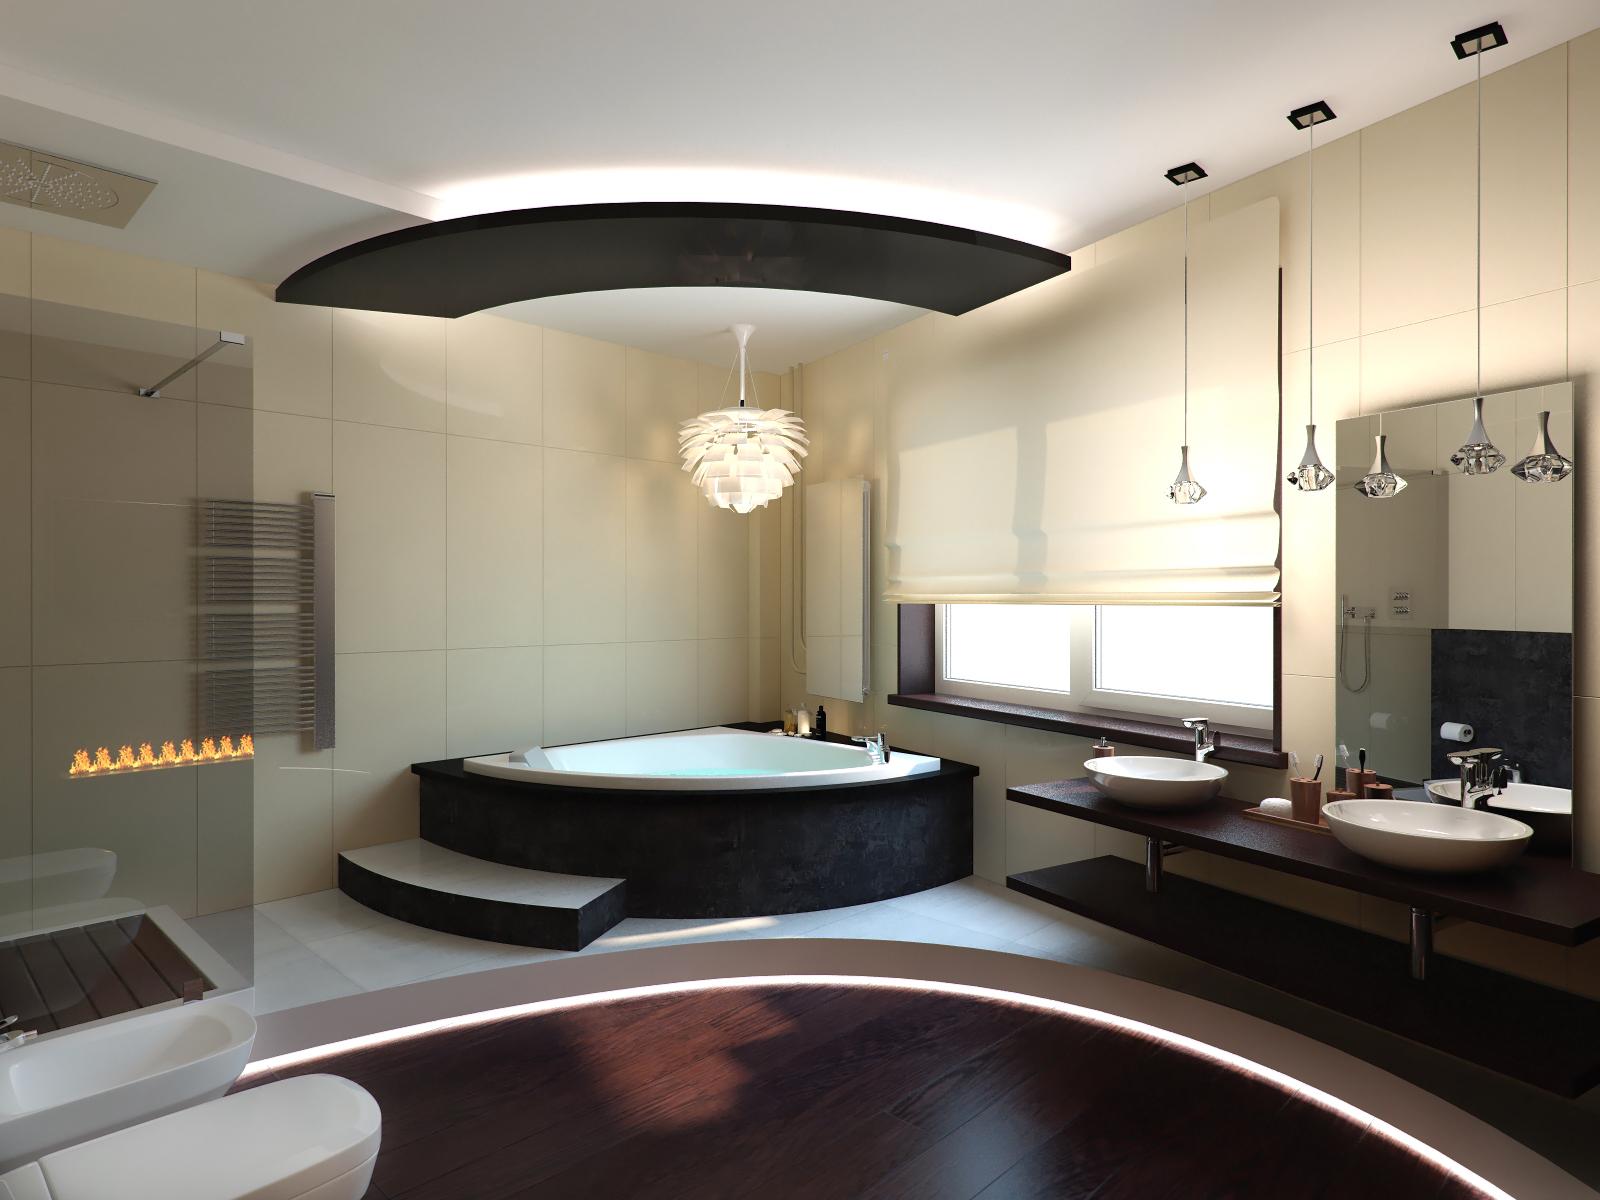 Дизайн интерьера в современном стиле